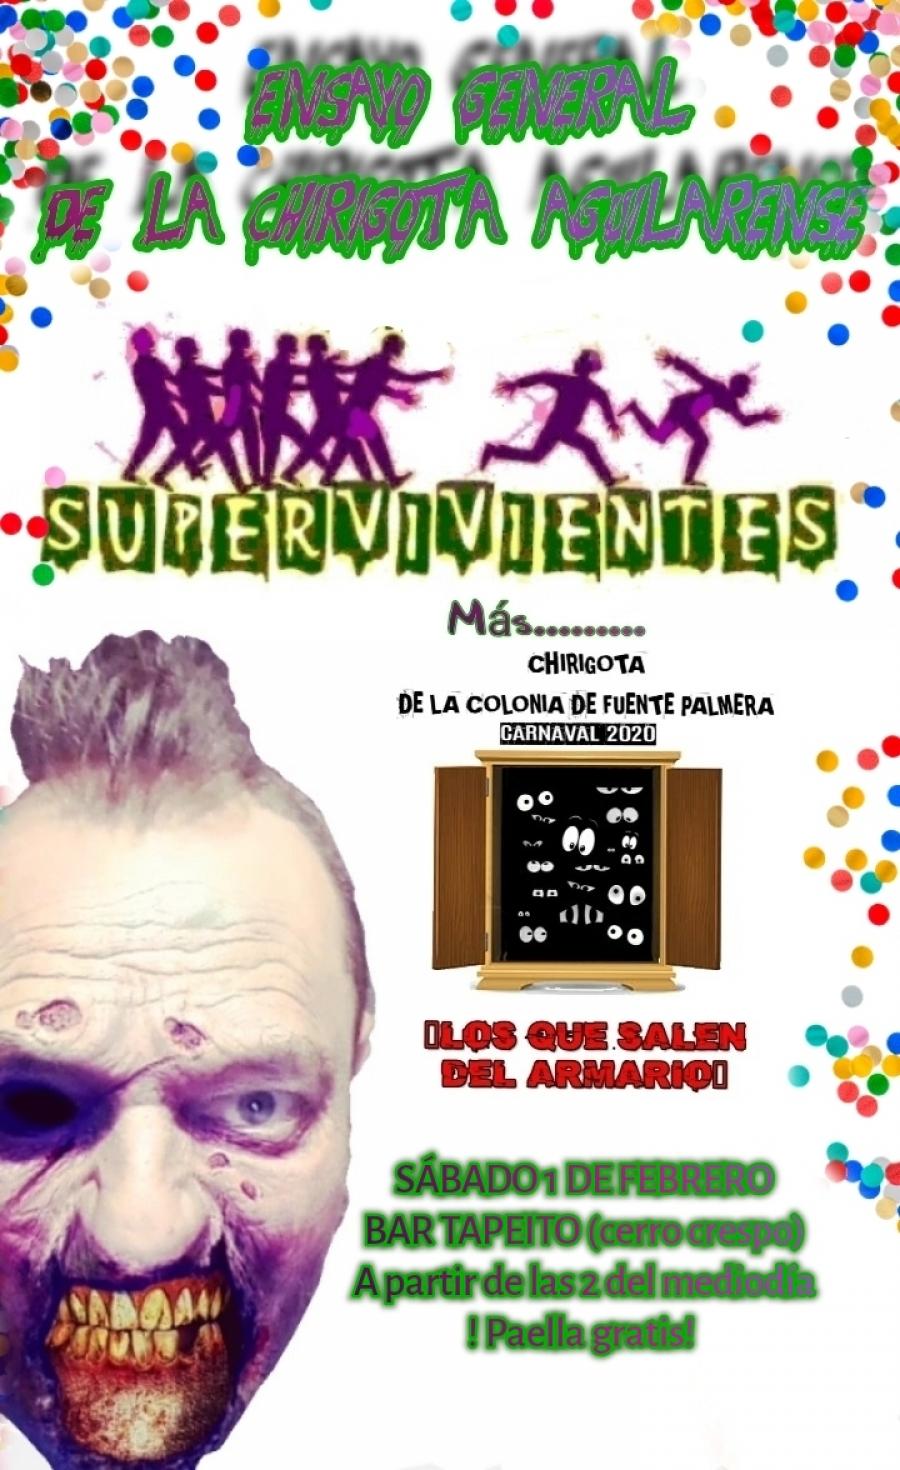 """La chirigota aguilarense """"Supervivientes"""" se presentará el 1 de febrero en el Cerro Crespo"""